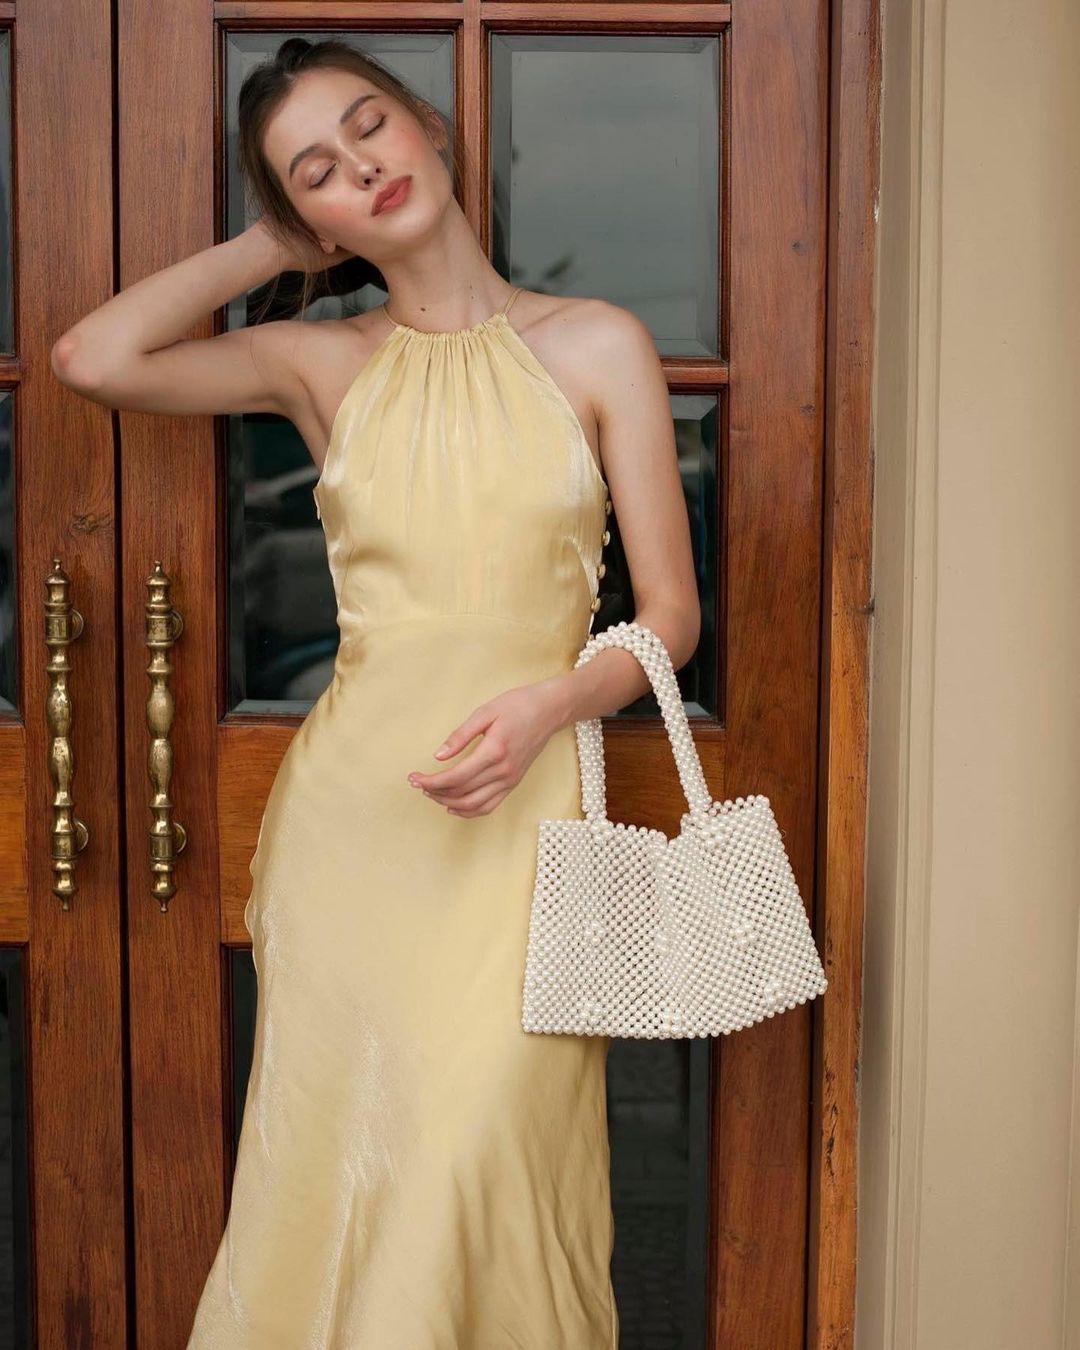 Hà Hồ diện váy Zara 1,3 triệu sang quá nhưng nếu thấy đắt thì bạn có thể tăm tia nhiều kiểu hao hao giá chỉ 1/4 - Ảnh 16.